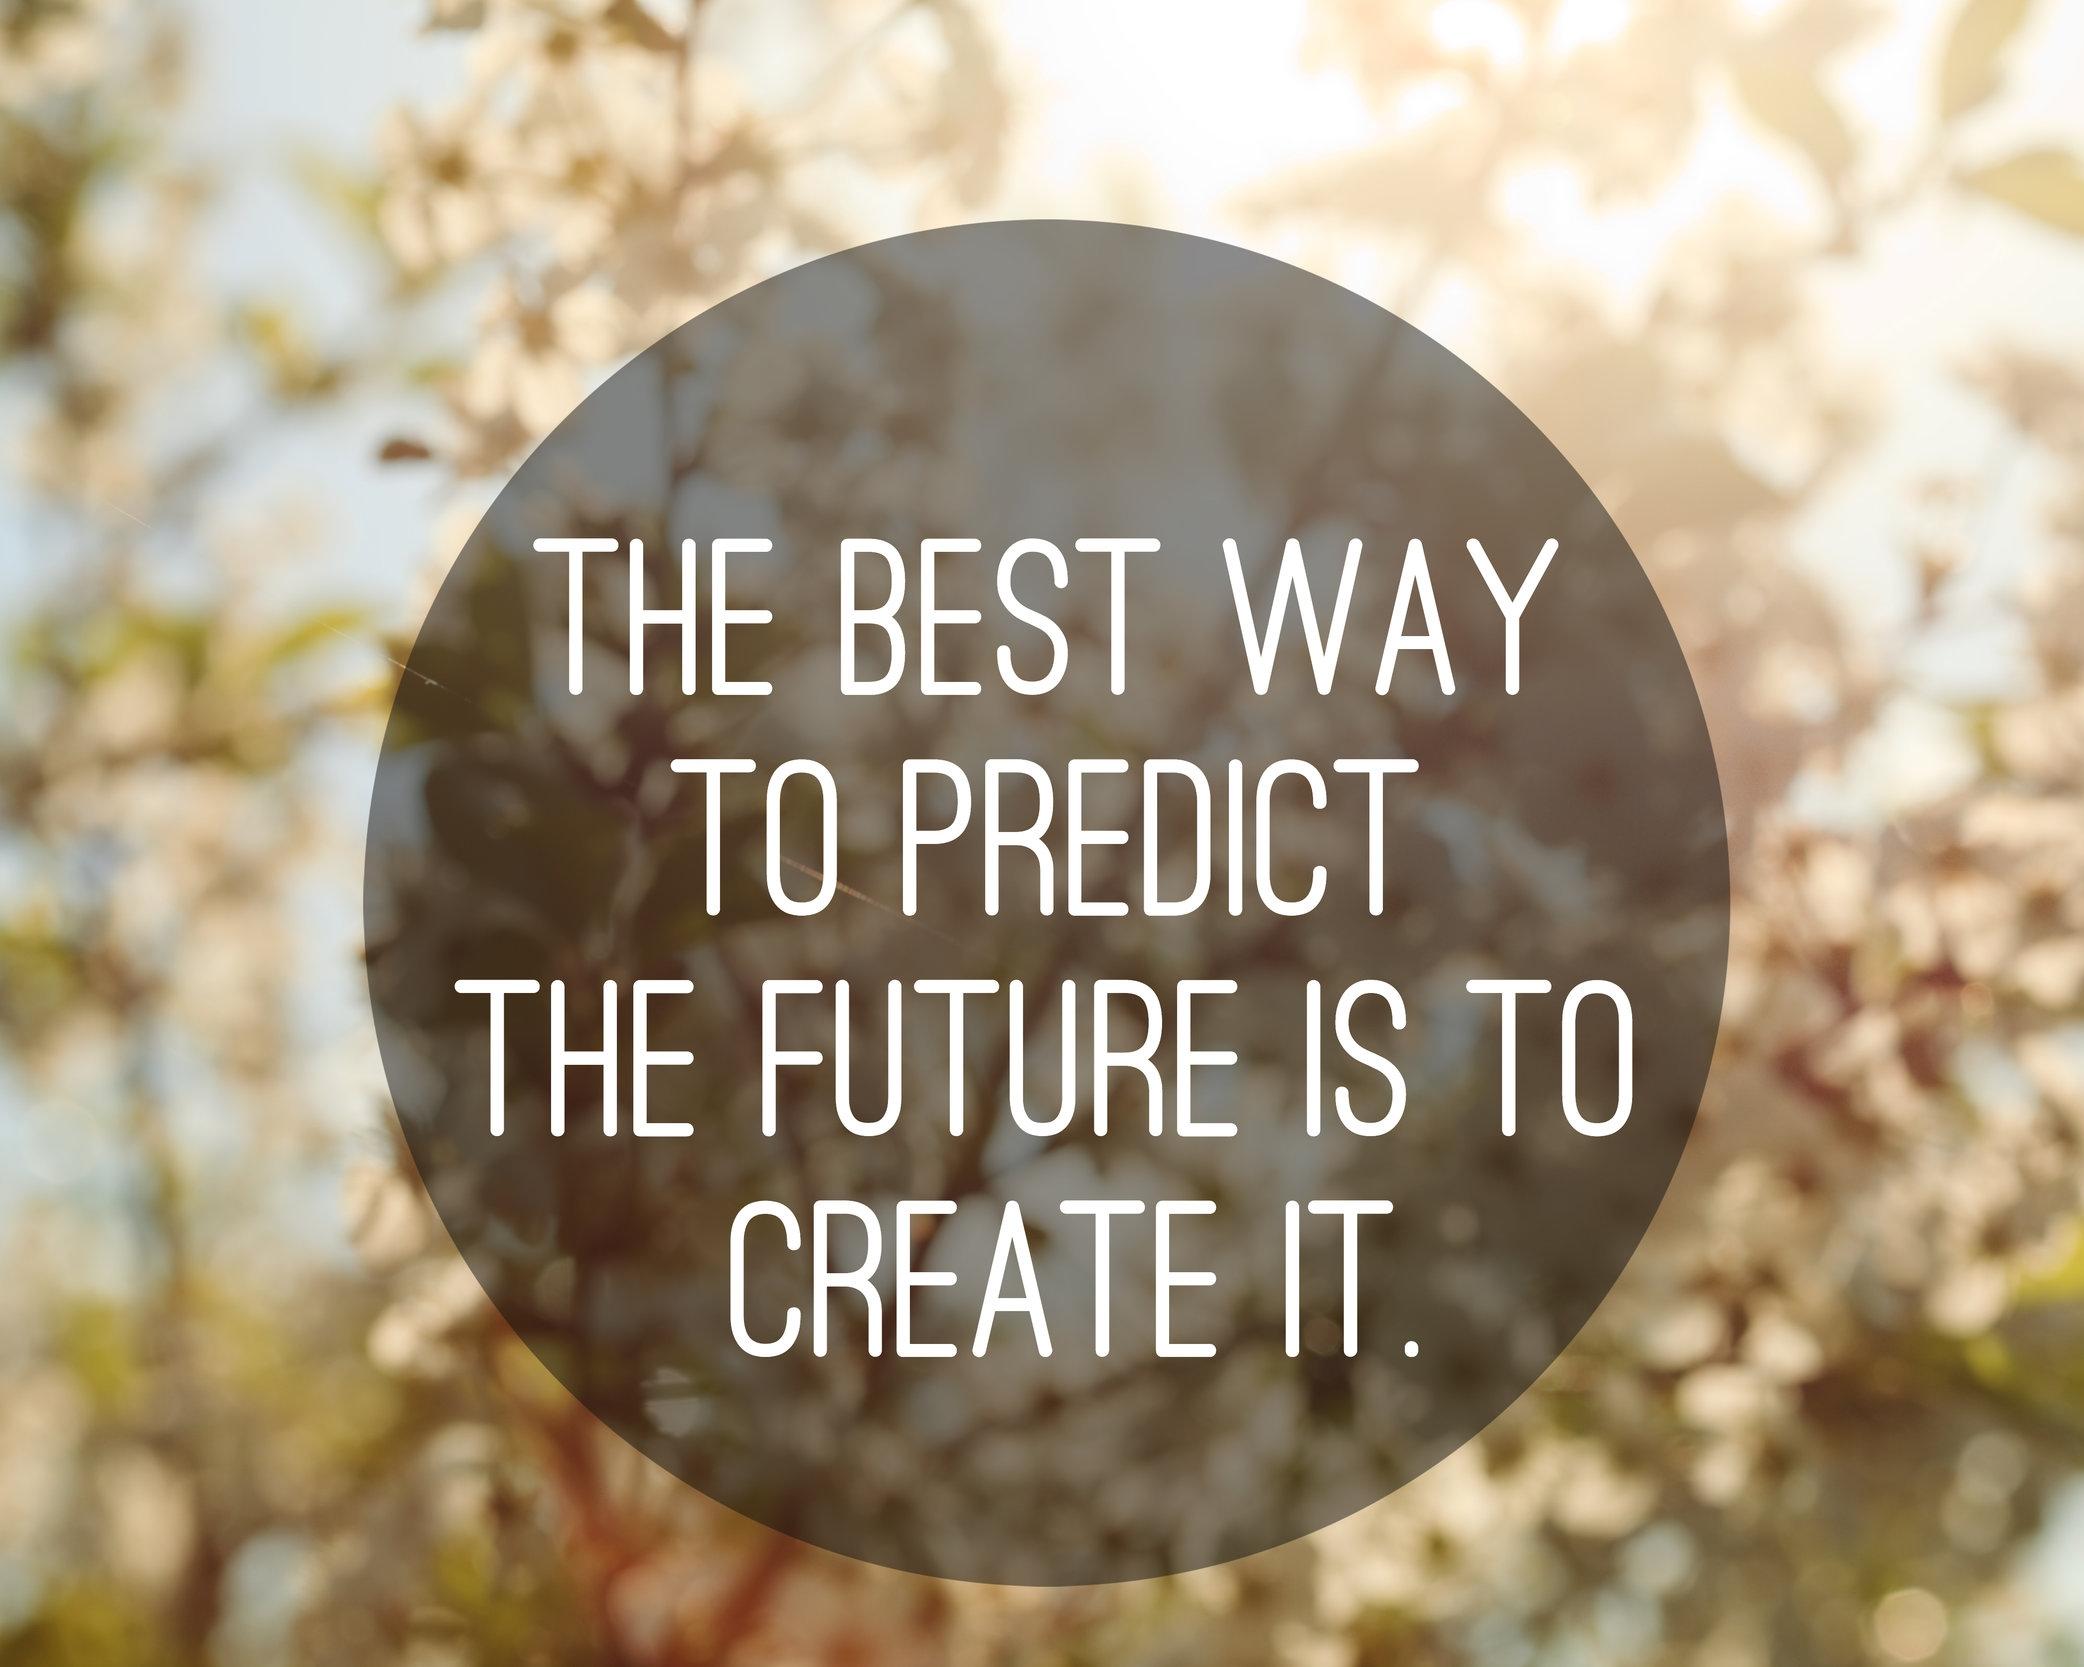 Paras keino ennustaa tulevaisuutesi on suunnitella ja luoda se itse. Laadi siis urasuunnitelmellesi selkeä strategia ja usko itseesi.